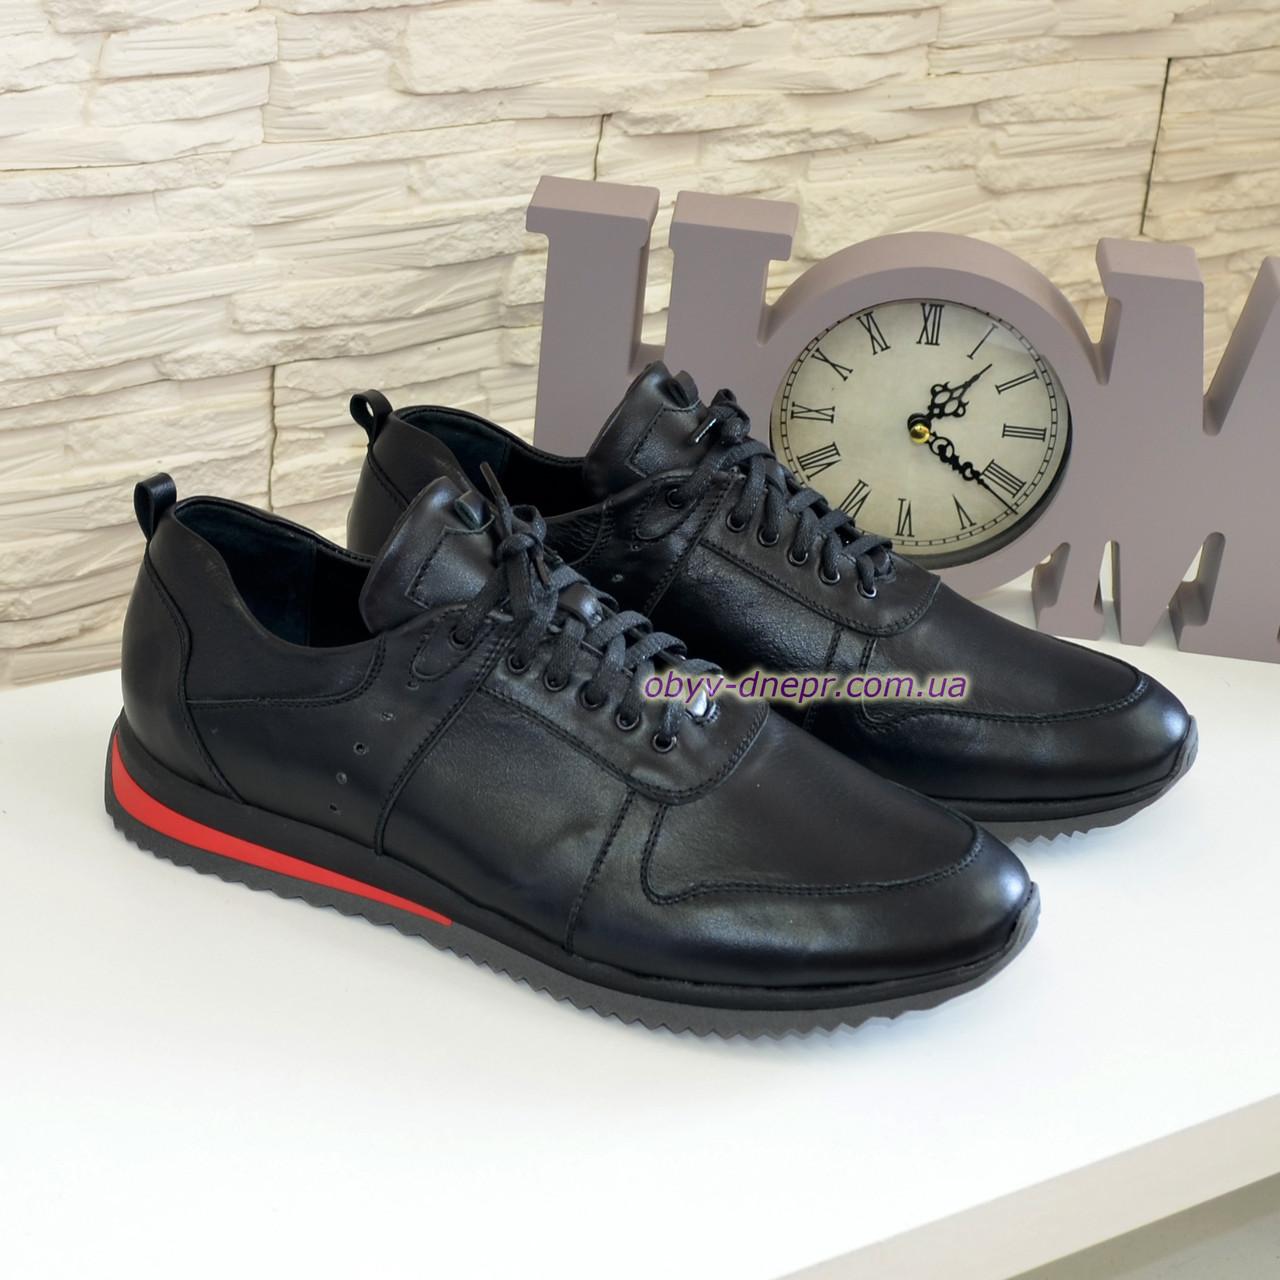 Кросівки чоловічі шкіряні на шнурівці